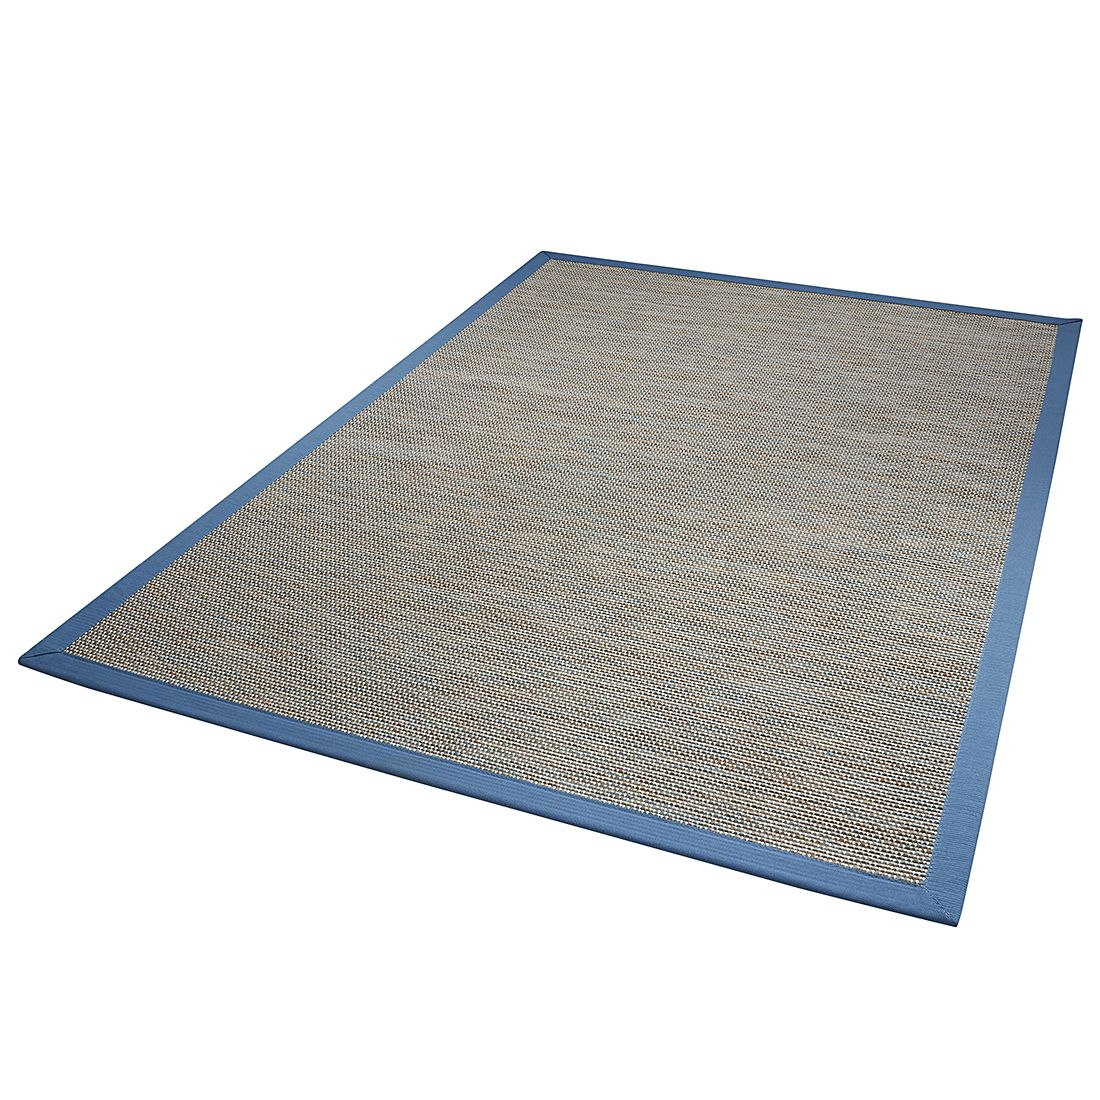 In-/Outdoorteppich Naturino Color – Blau – 170 x 230 cm, DEKOWE online kaufen